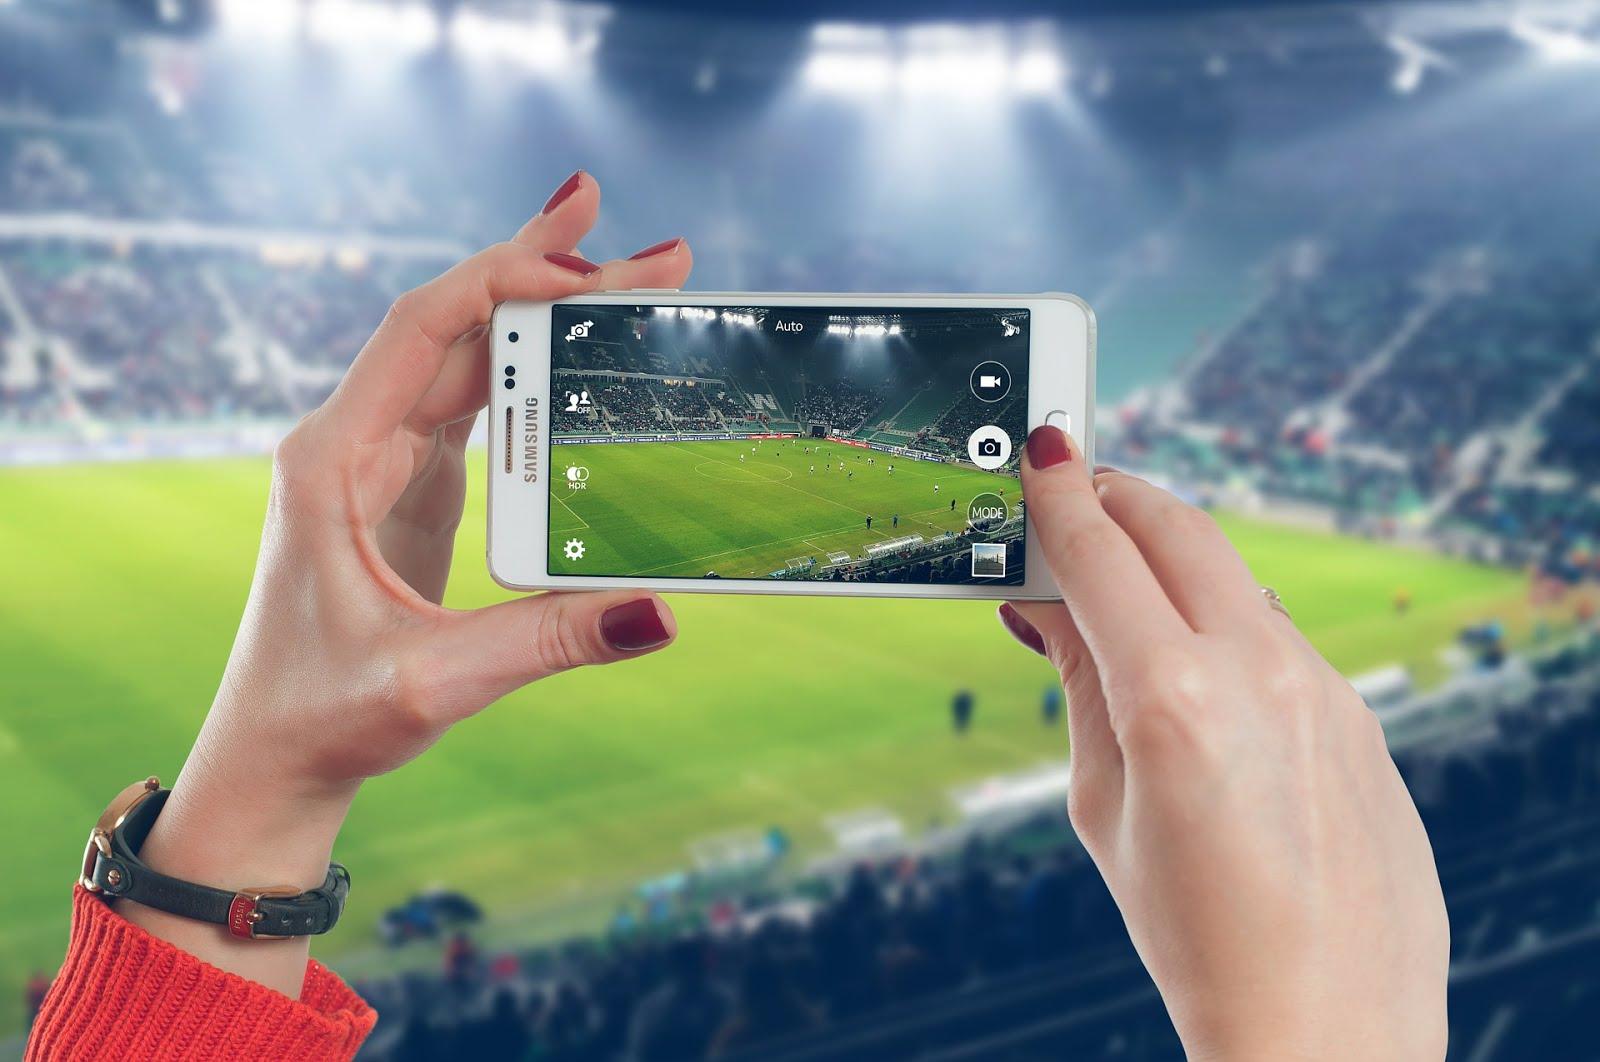 Fungsi, Manfaat Dan Kegunaan Smartphone yang Jarang diketahui oleh Banyak orang